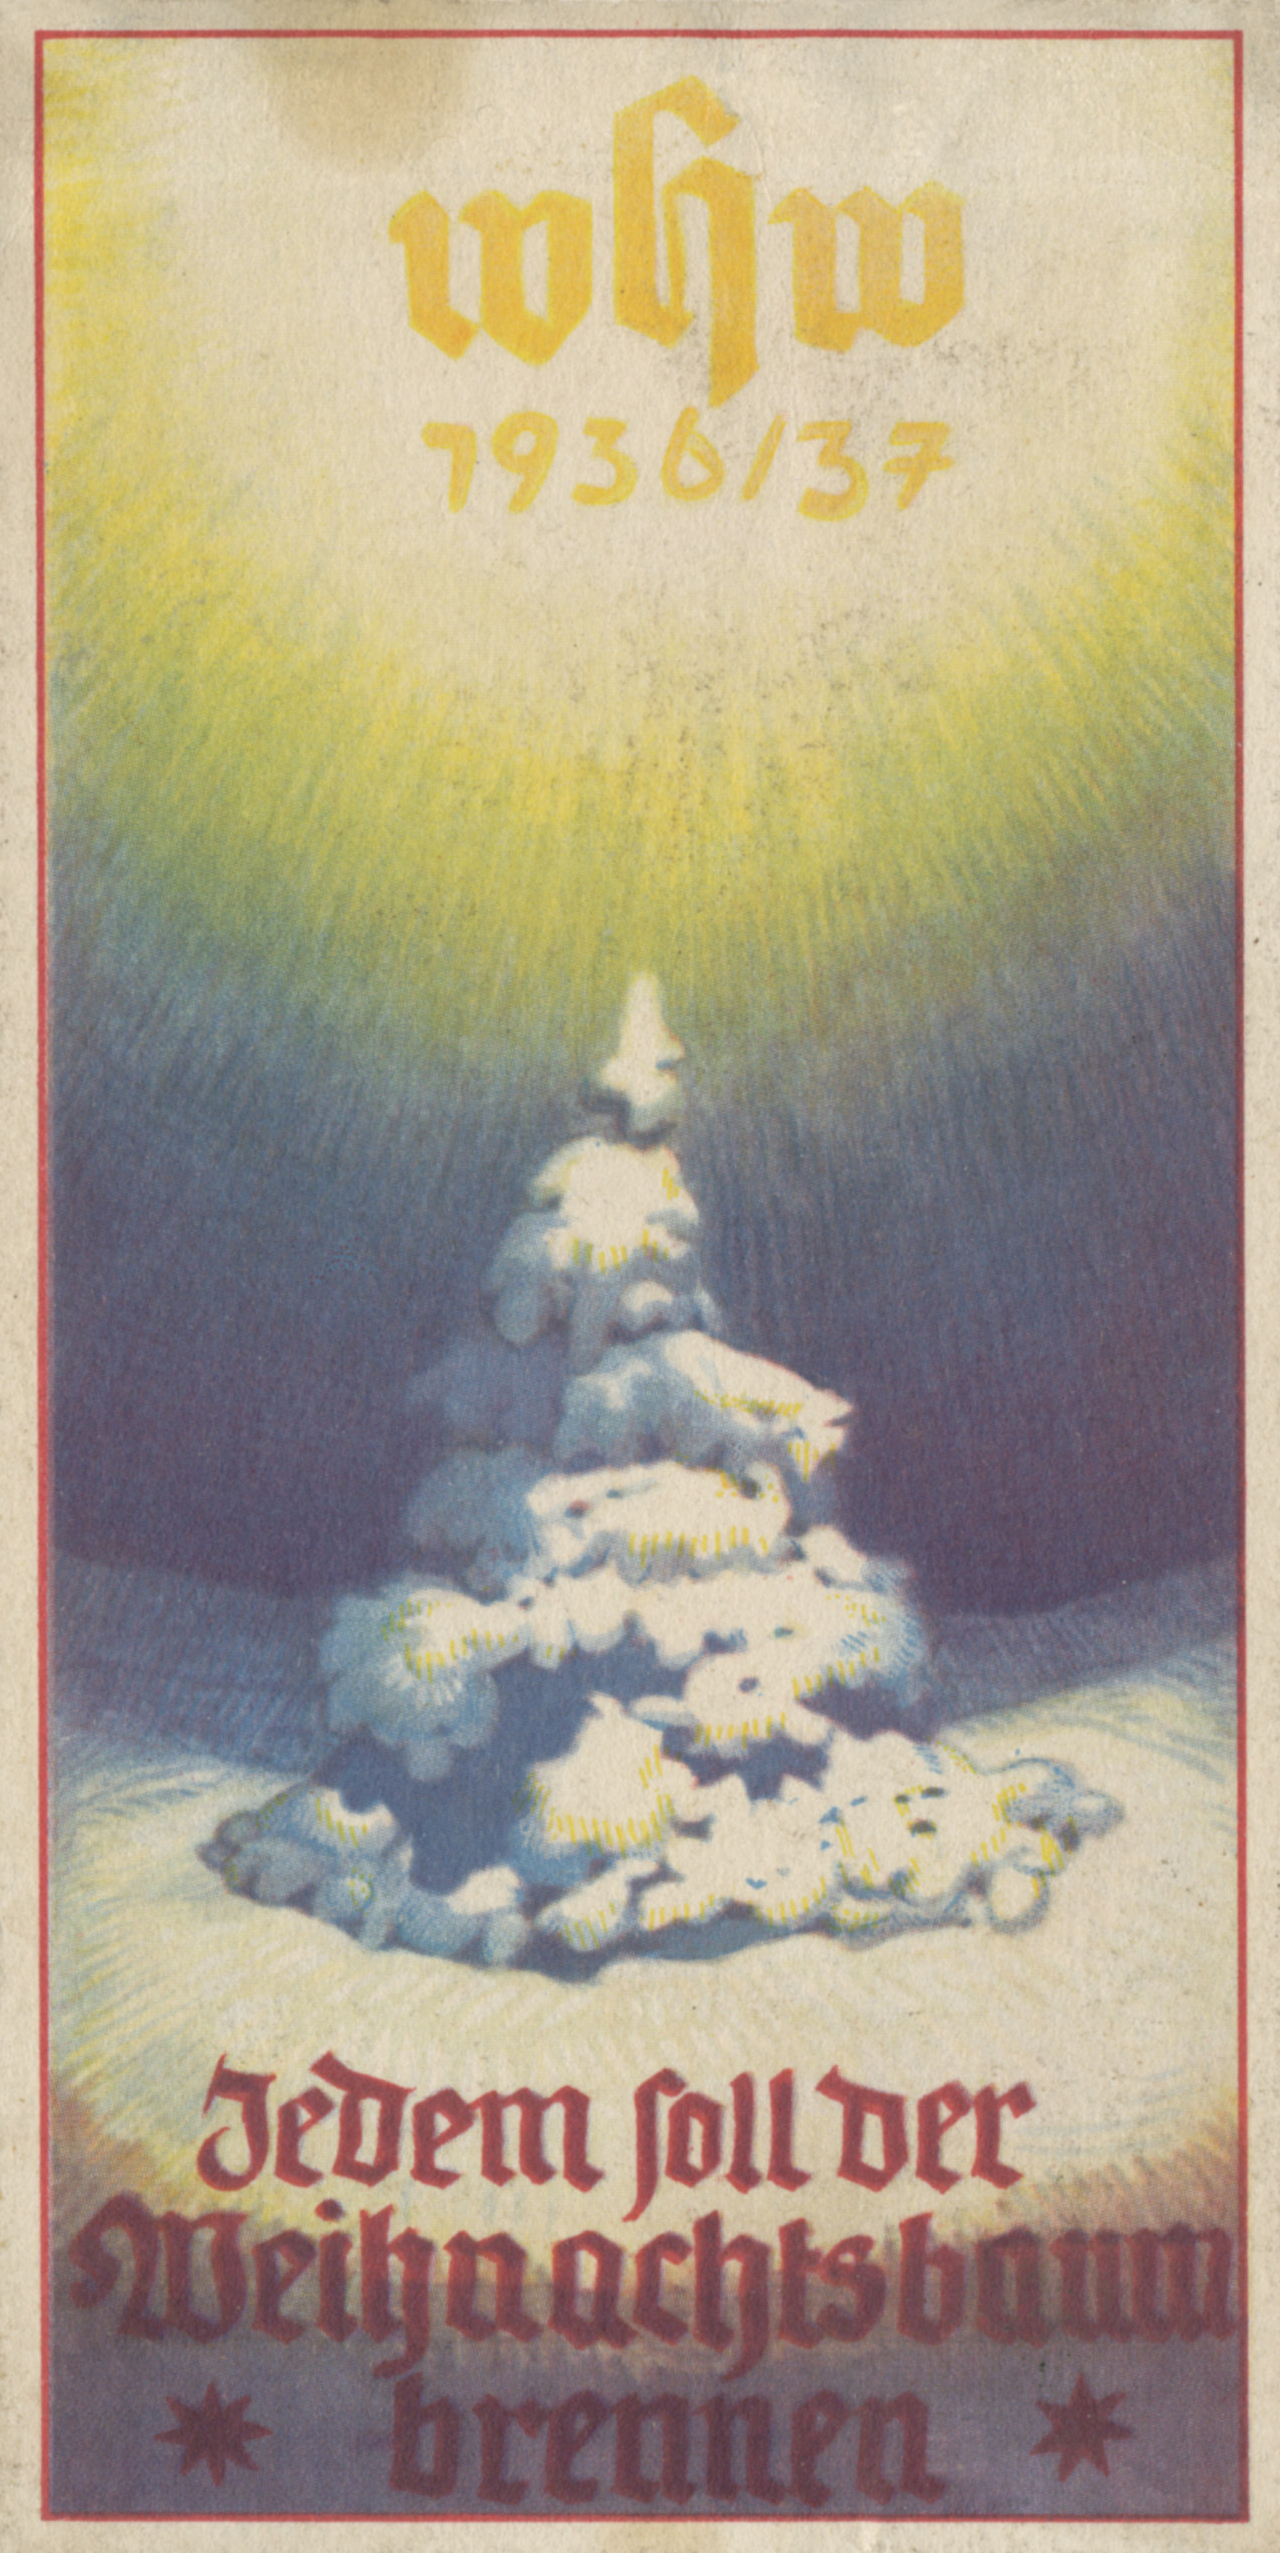 Nationalsozialistischer Weihnachtskult Wikipedia